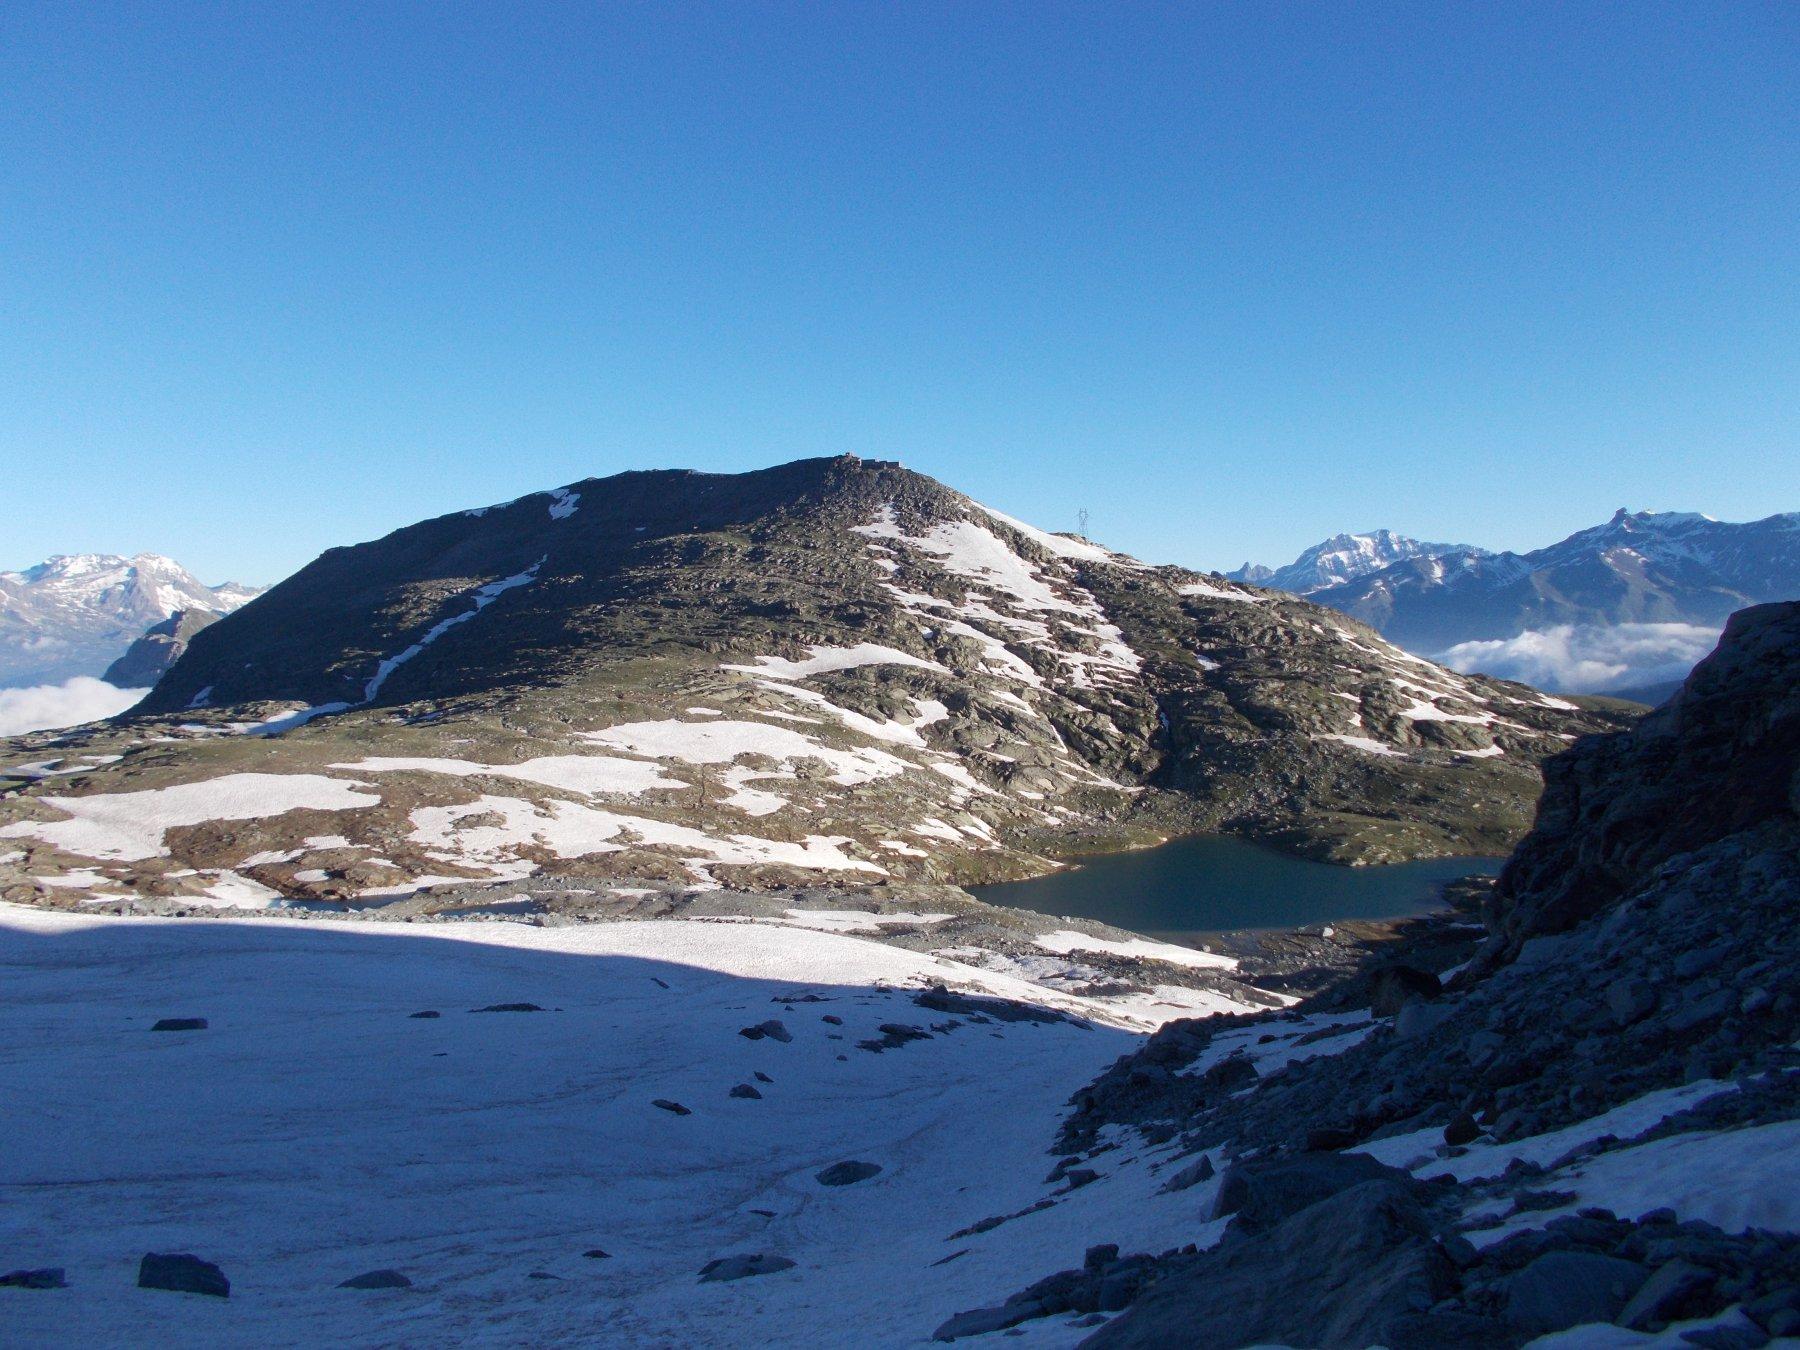 Malamot e Lac Blanc..dalla base del canale..ovest